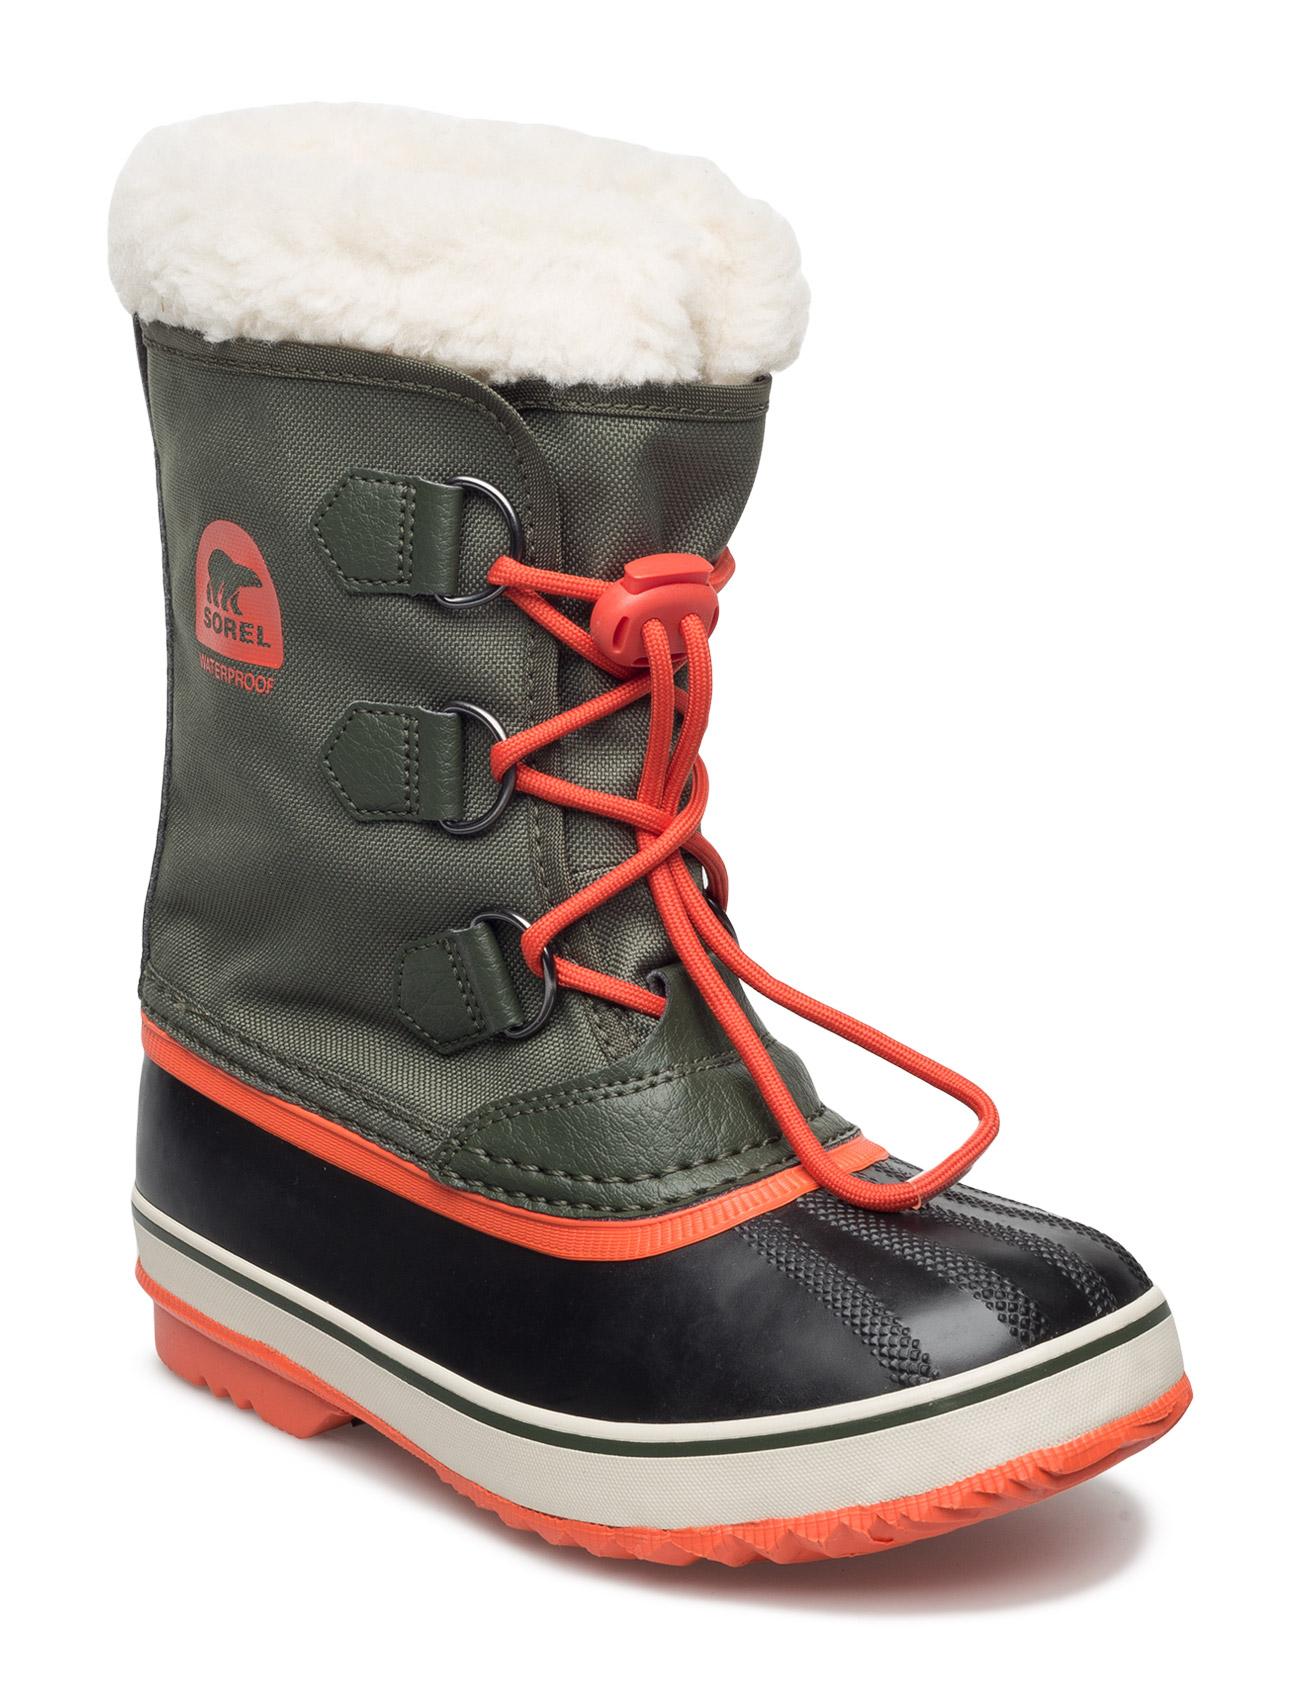 Yoot Pac Nylon Sorel Støvler til Børn i